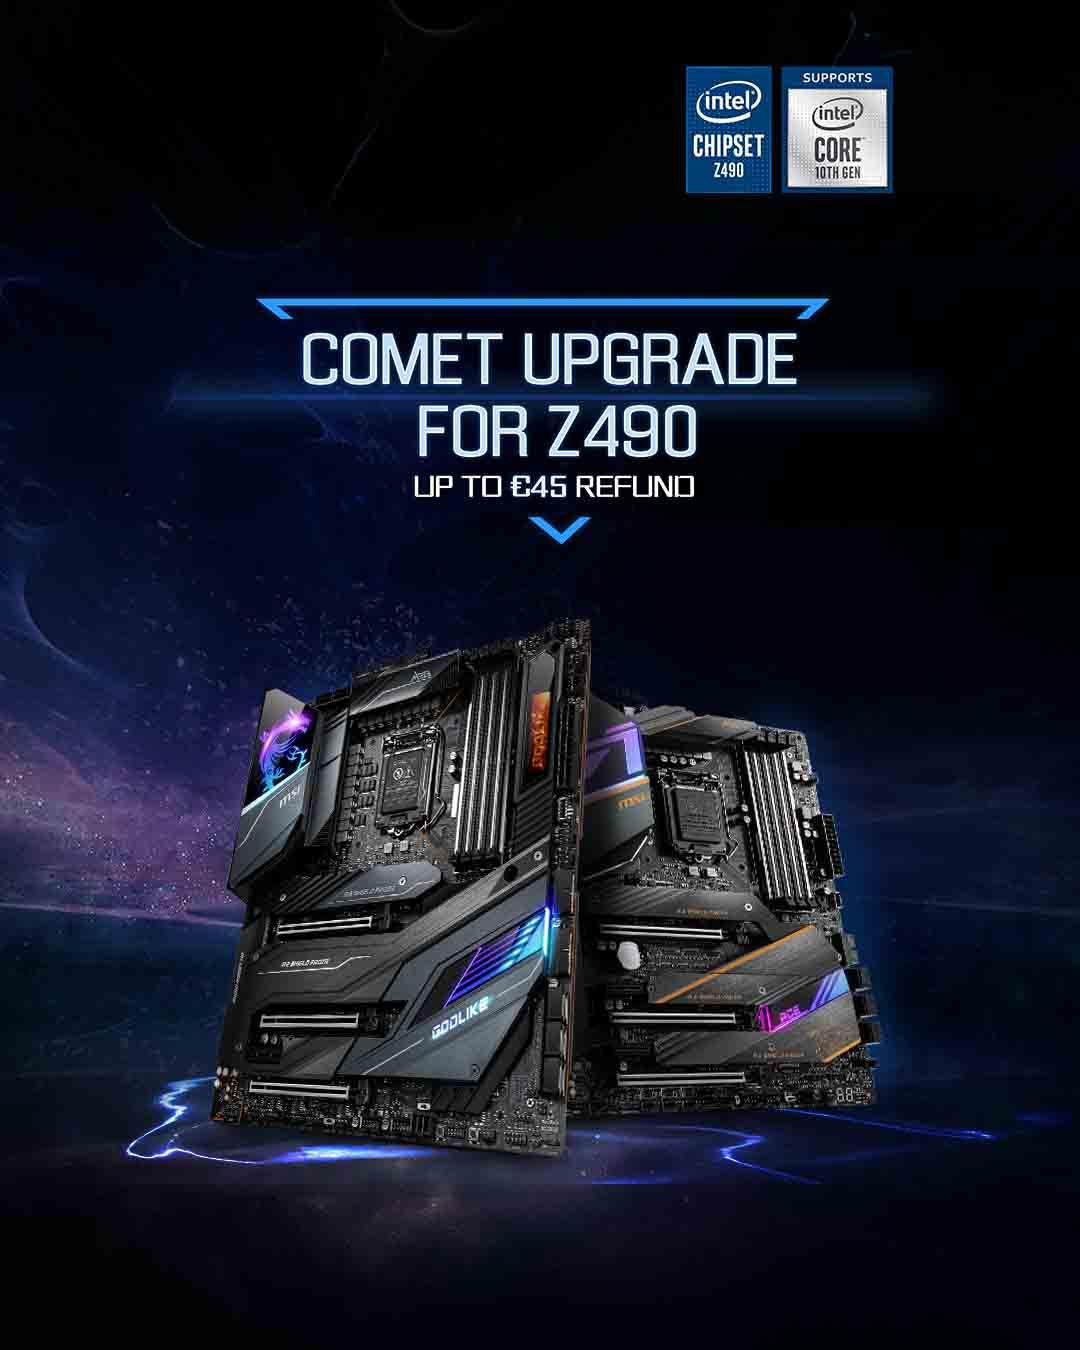 Comet upgrade Z490